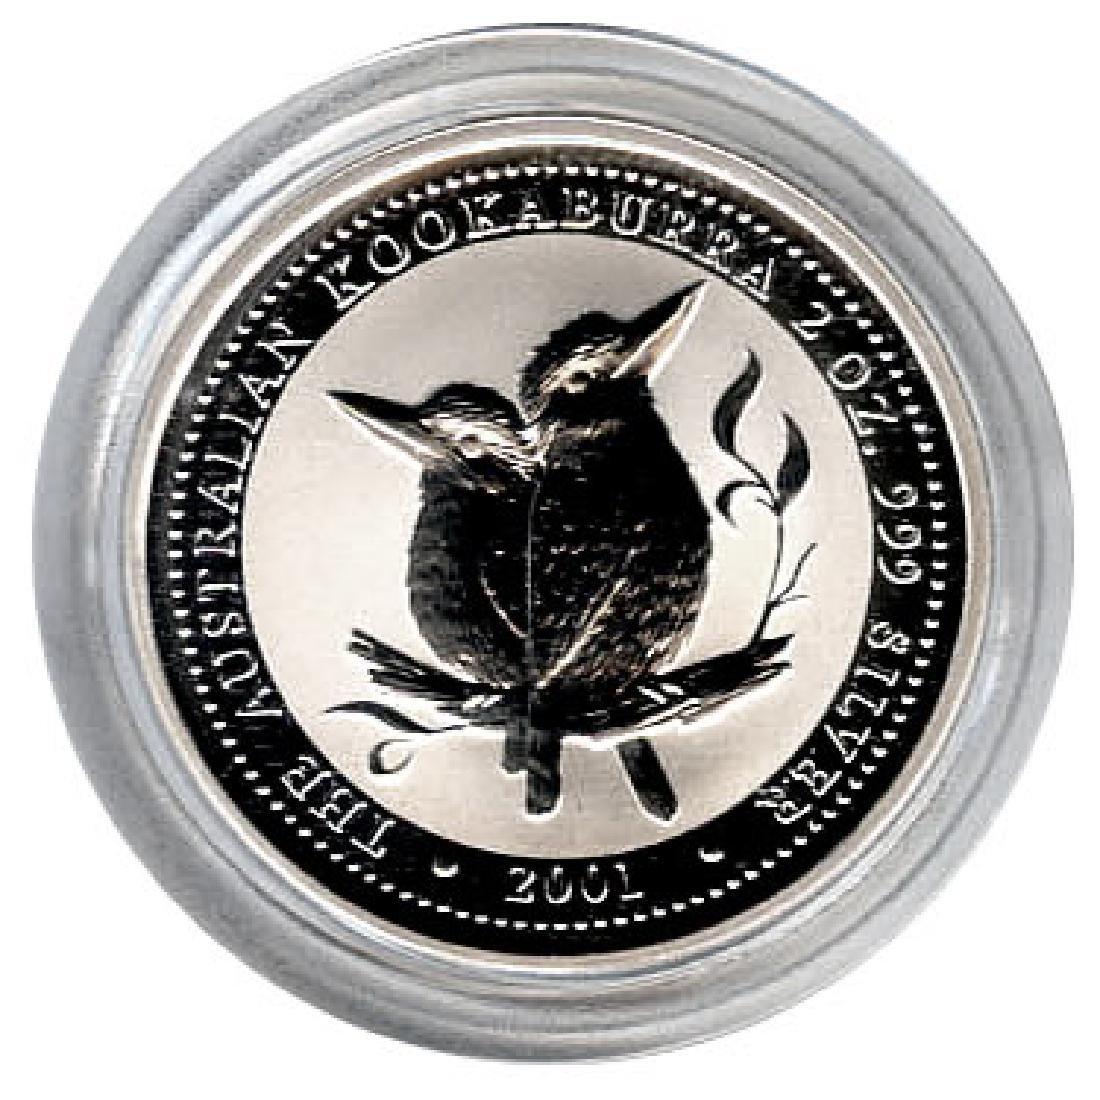 Australian Kookaburra 2 oz. Silver 2001